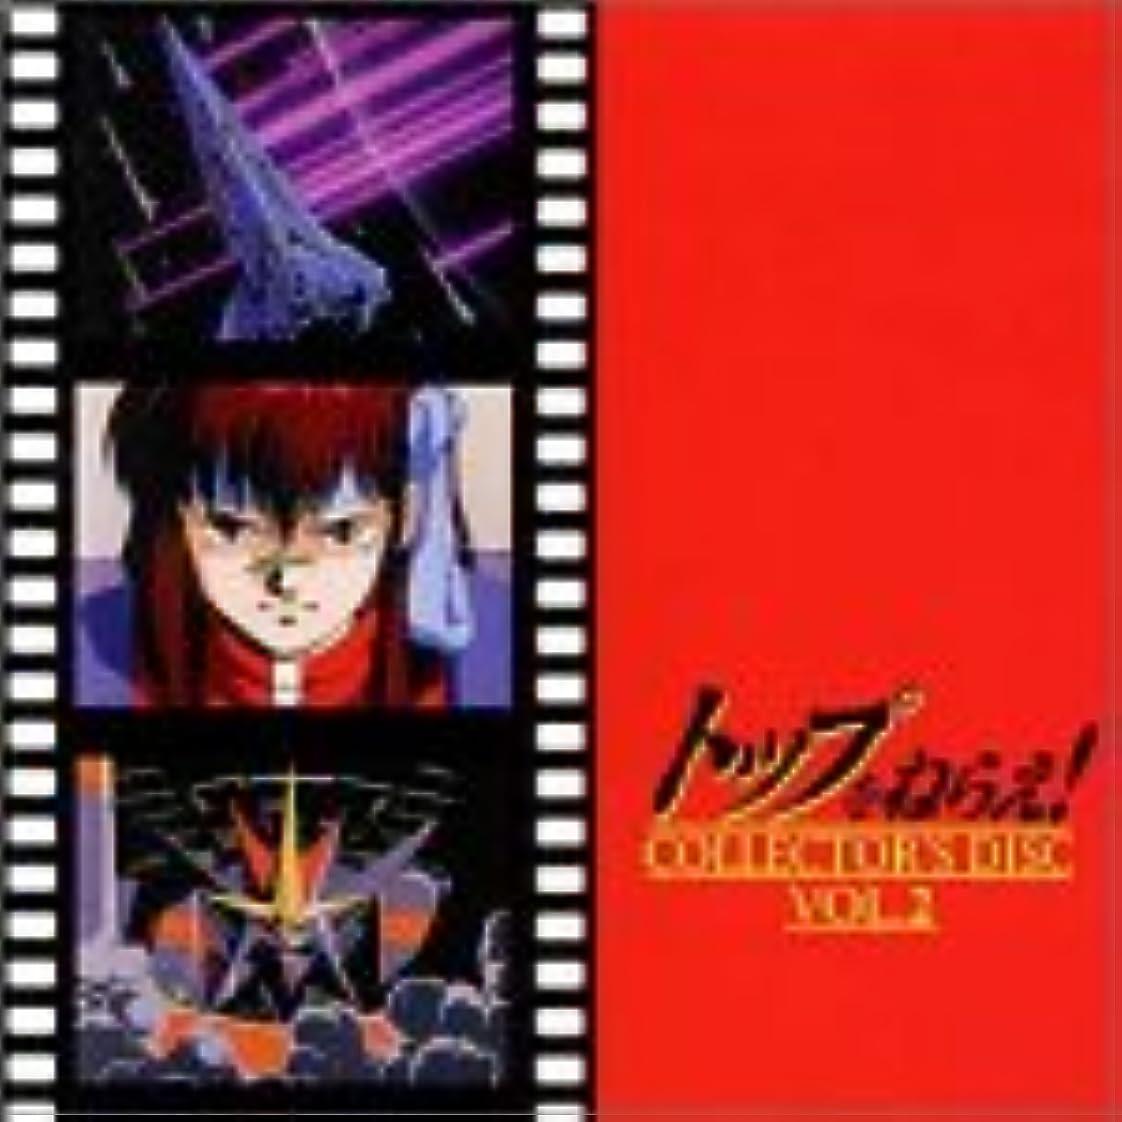 穀物明るい仮定トップをねらえ! コレクターズディスク Vol.2 「愛と勇気」